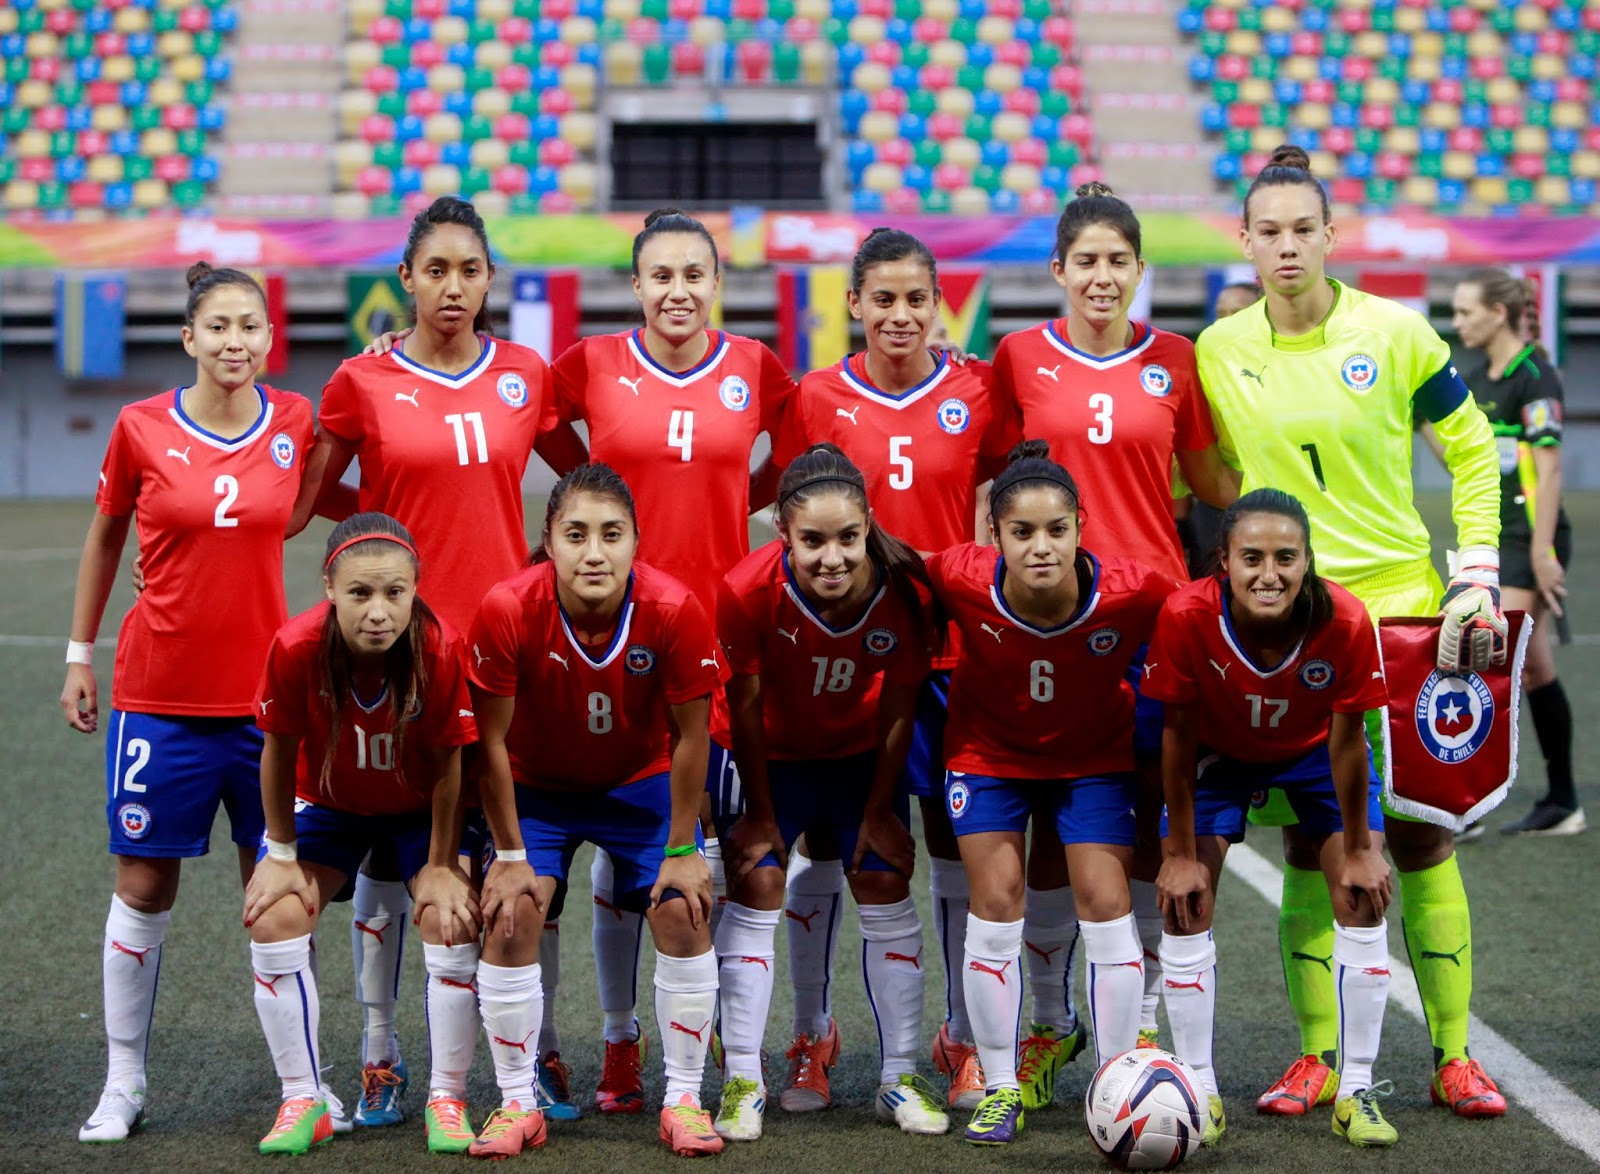 Formación de selección femenina de Chile ante Argentina, Juegos Suramericanos Santiago 2014, 8 de marzo